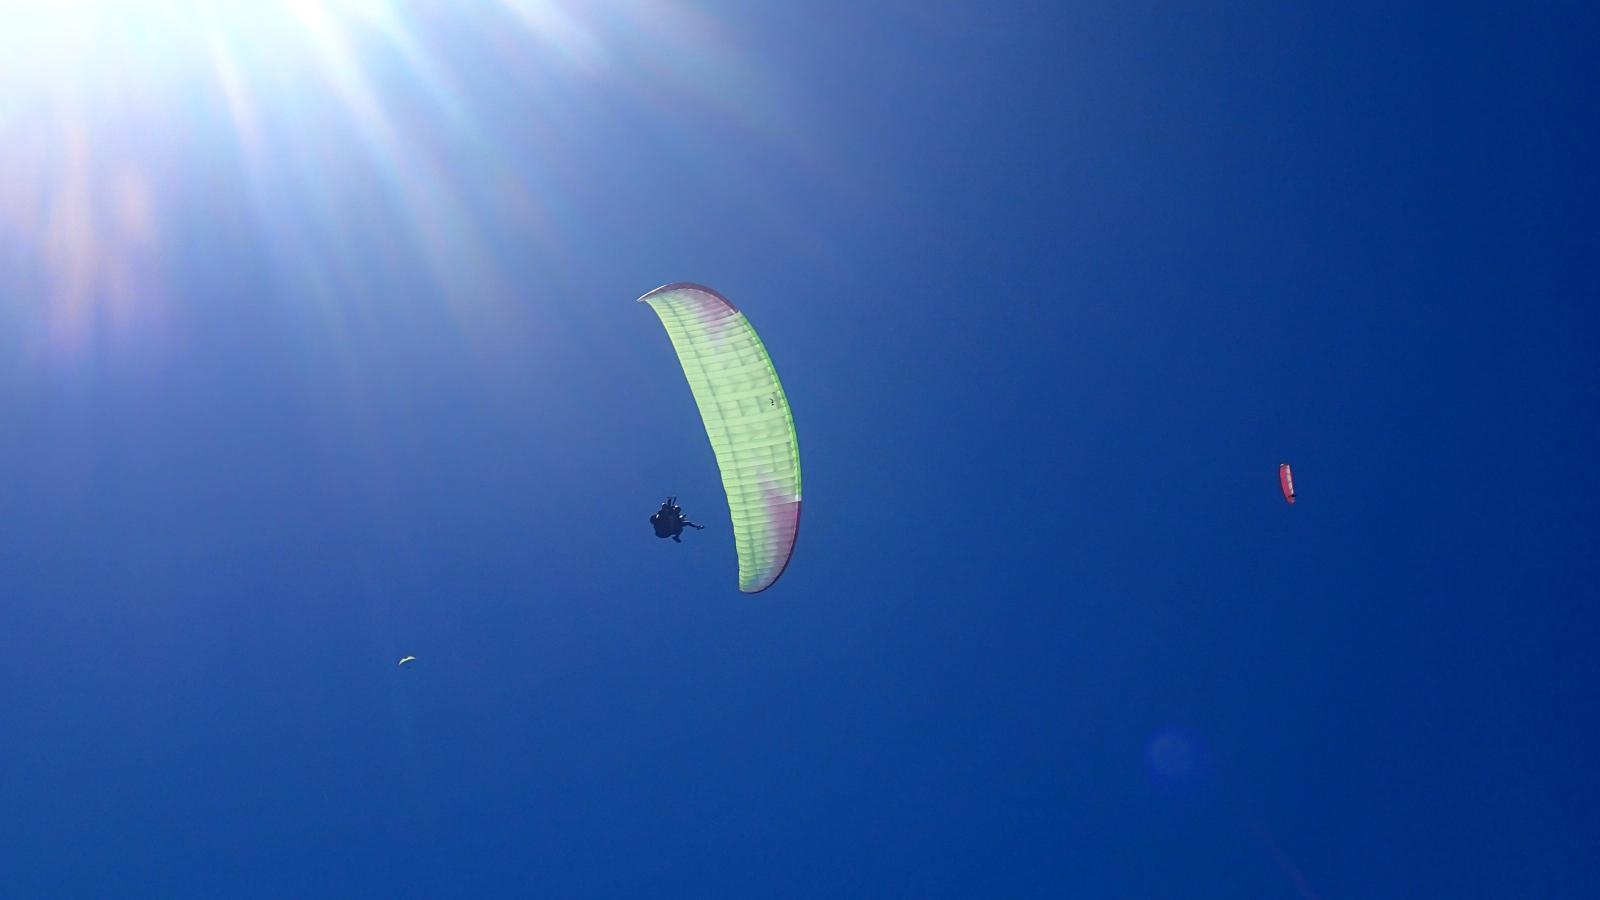 Parapente Air Dôme